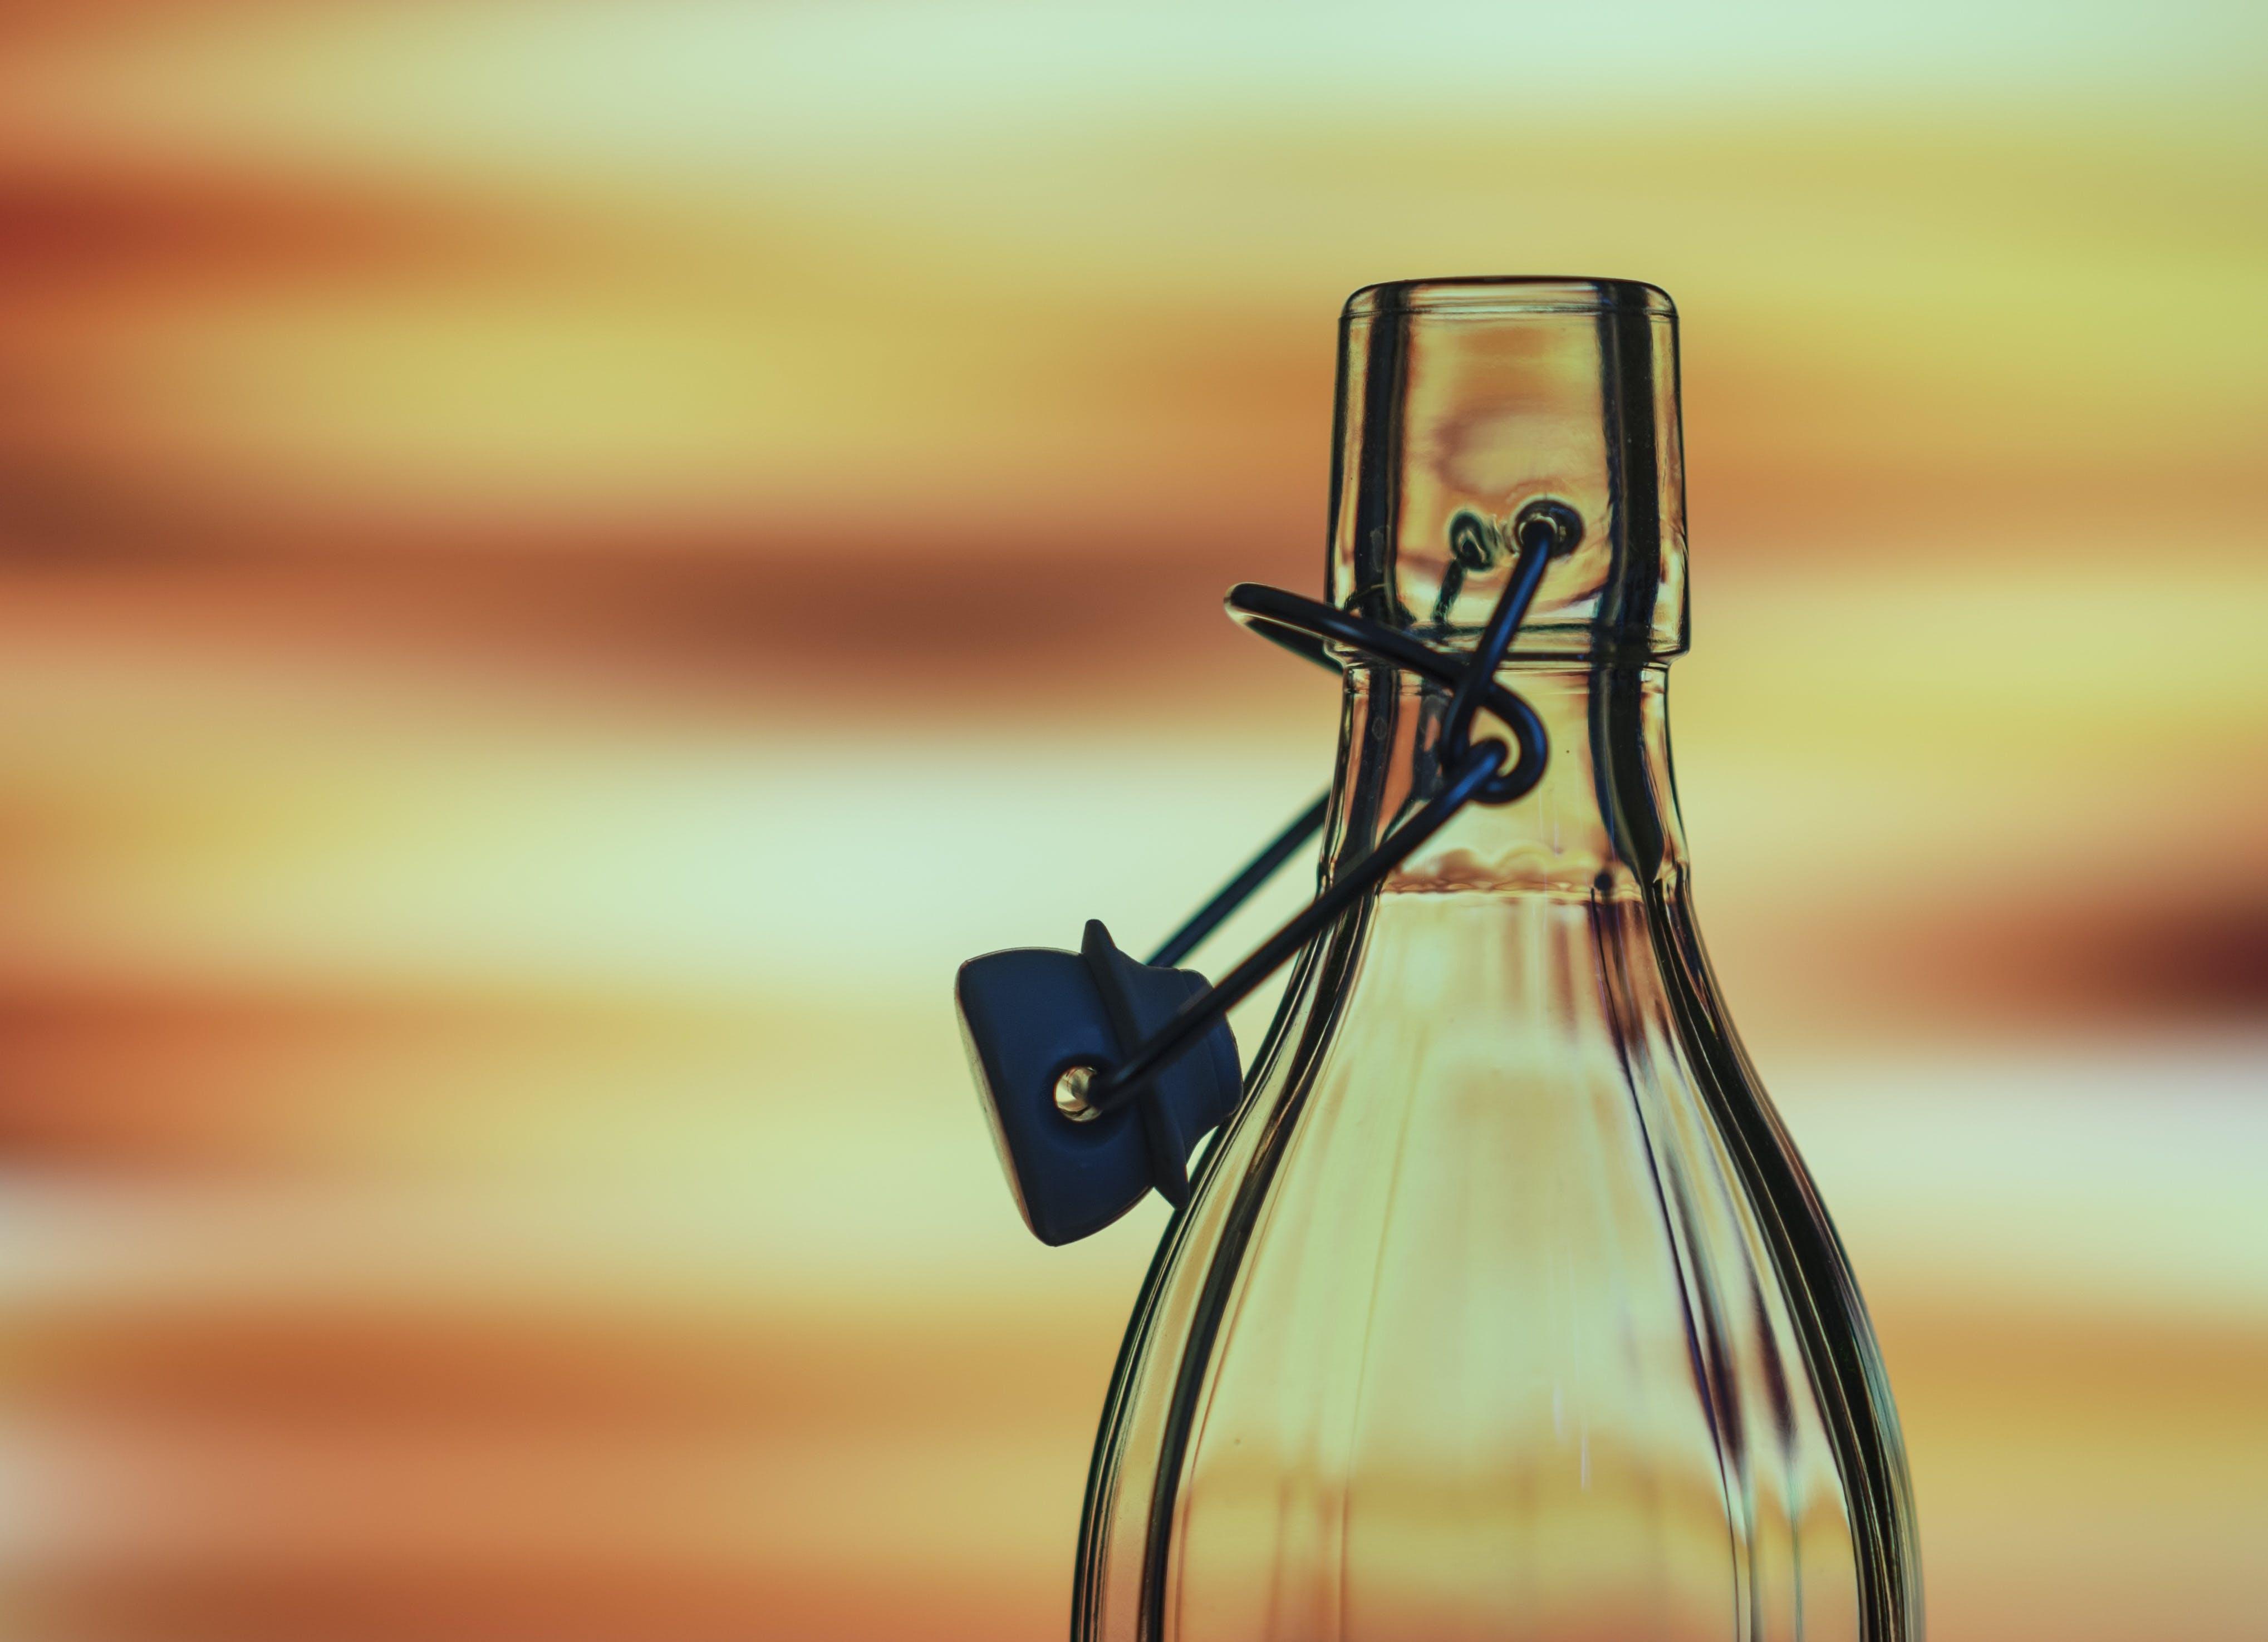 Desktop background of summer, sunshine, drink, glass